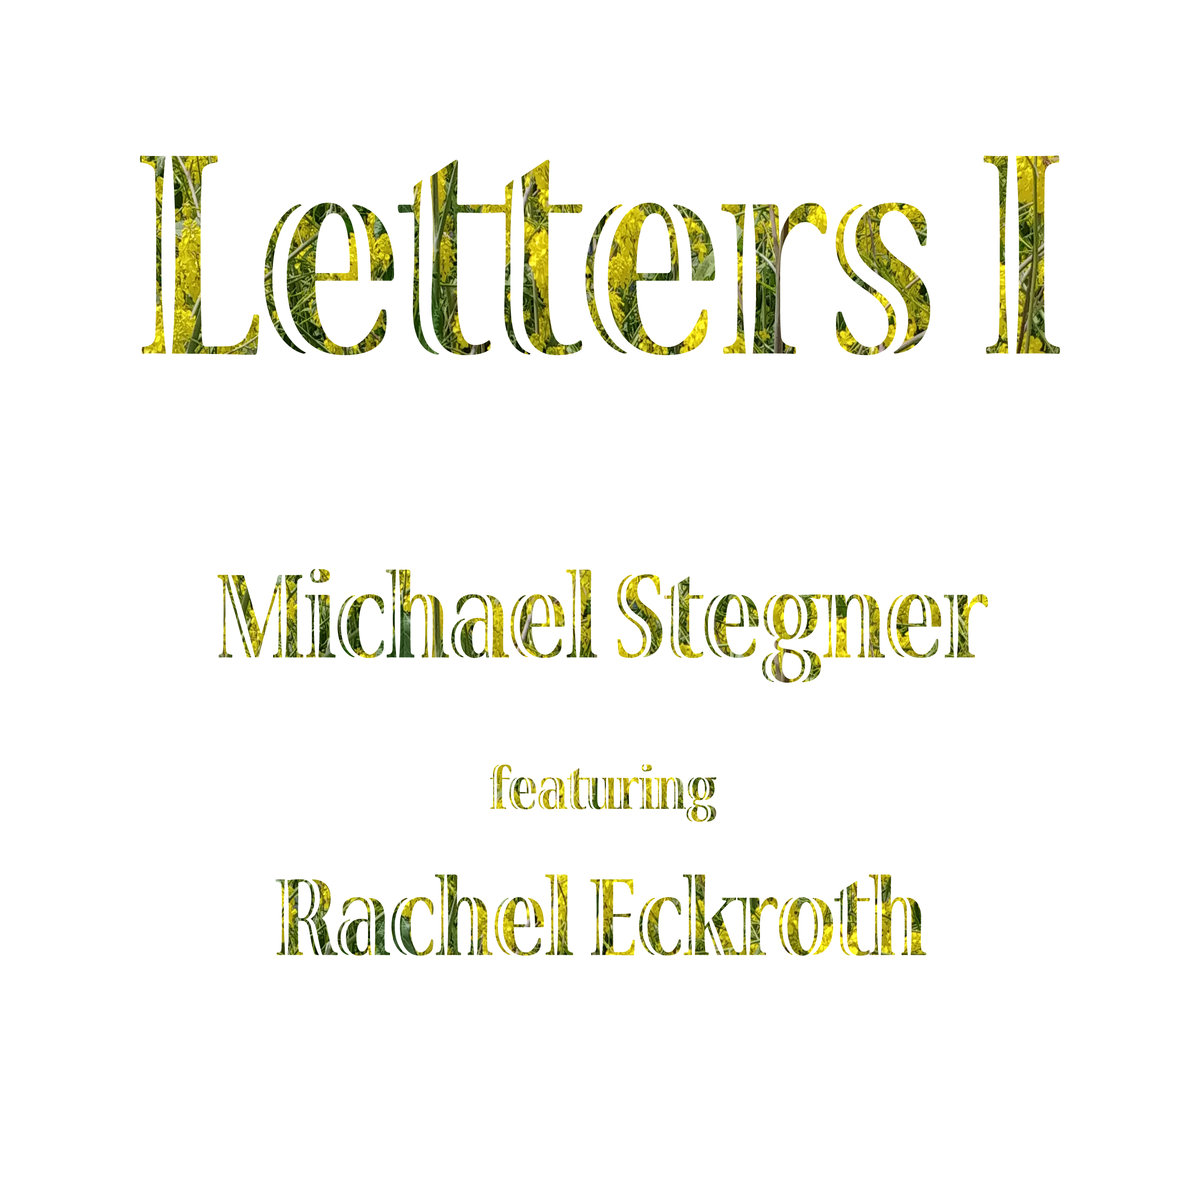 Michael Stegner & Rachel Eckroth - Letters.jpg